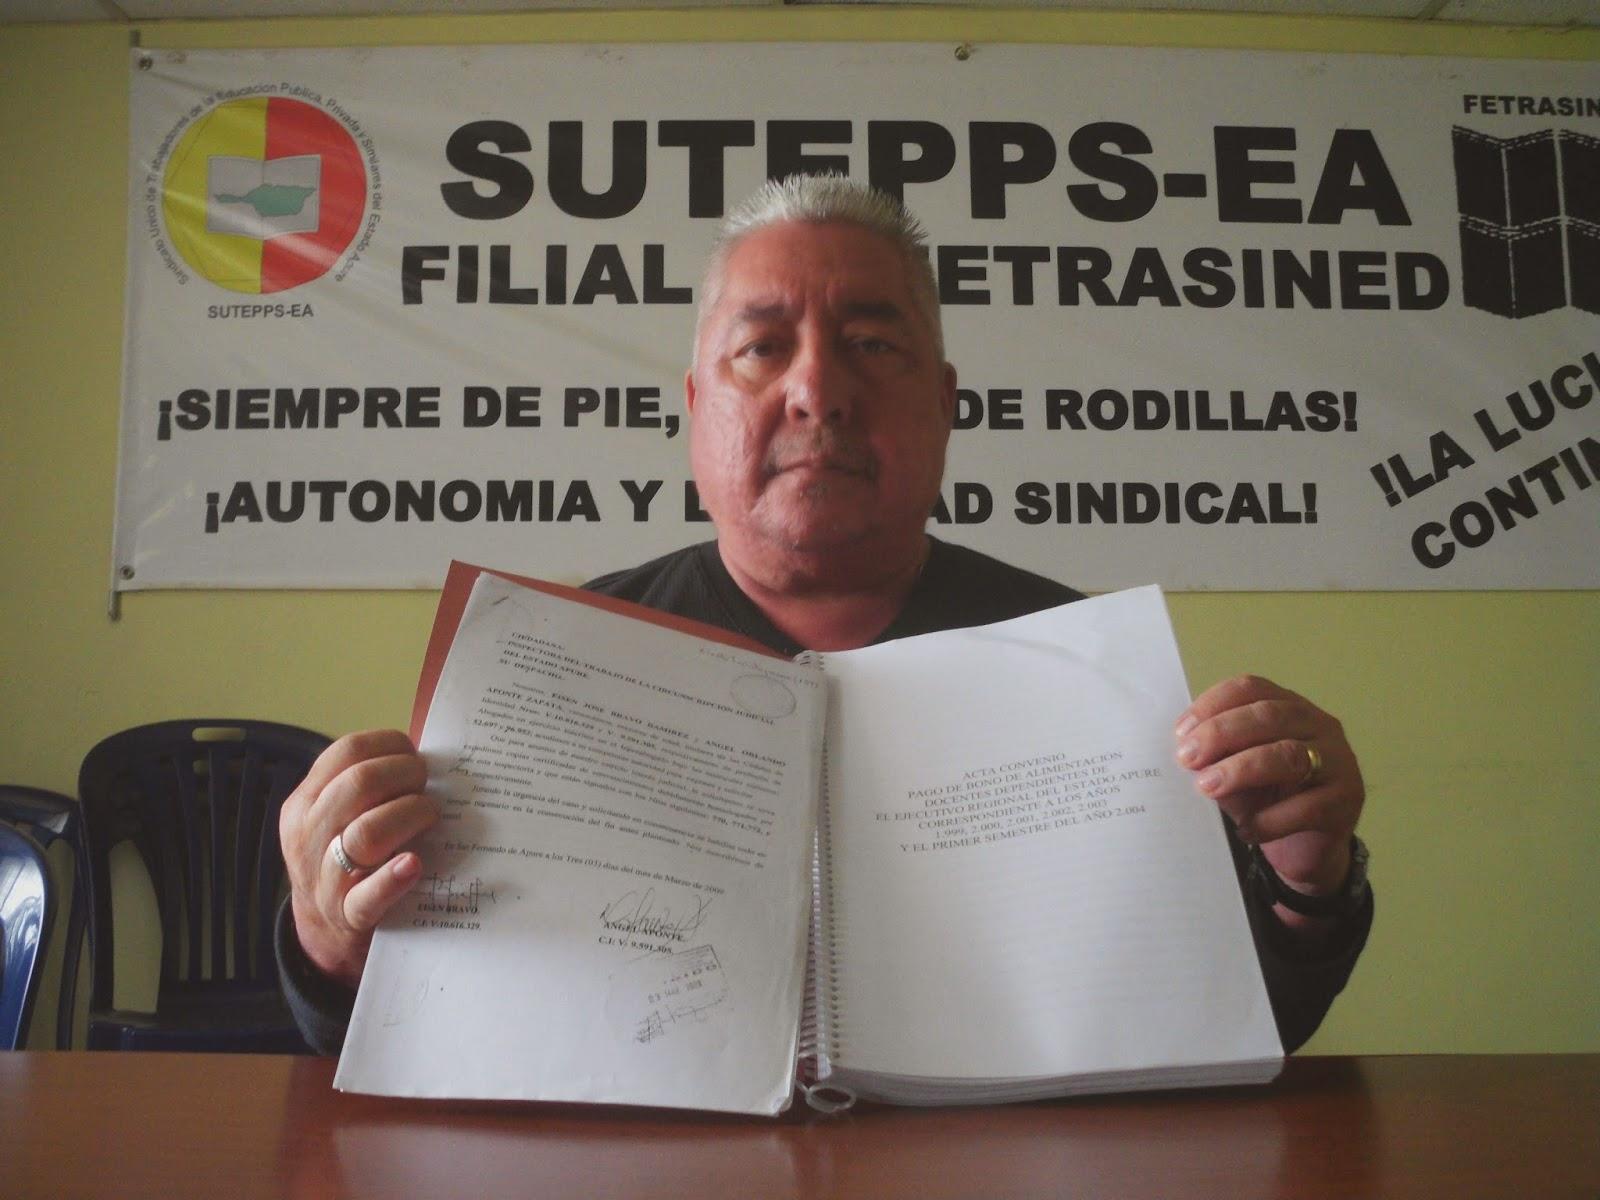 Sutepps-Apure alerta retardo por firma de contrato colectivo de docentes regionales antes gobernación de Apure.